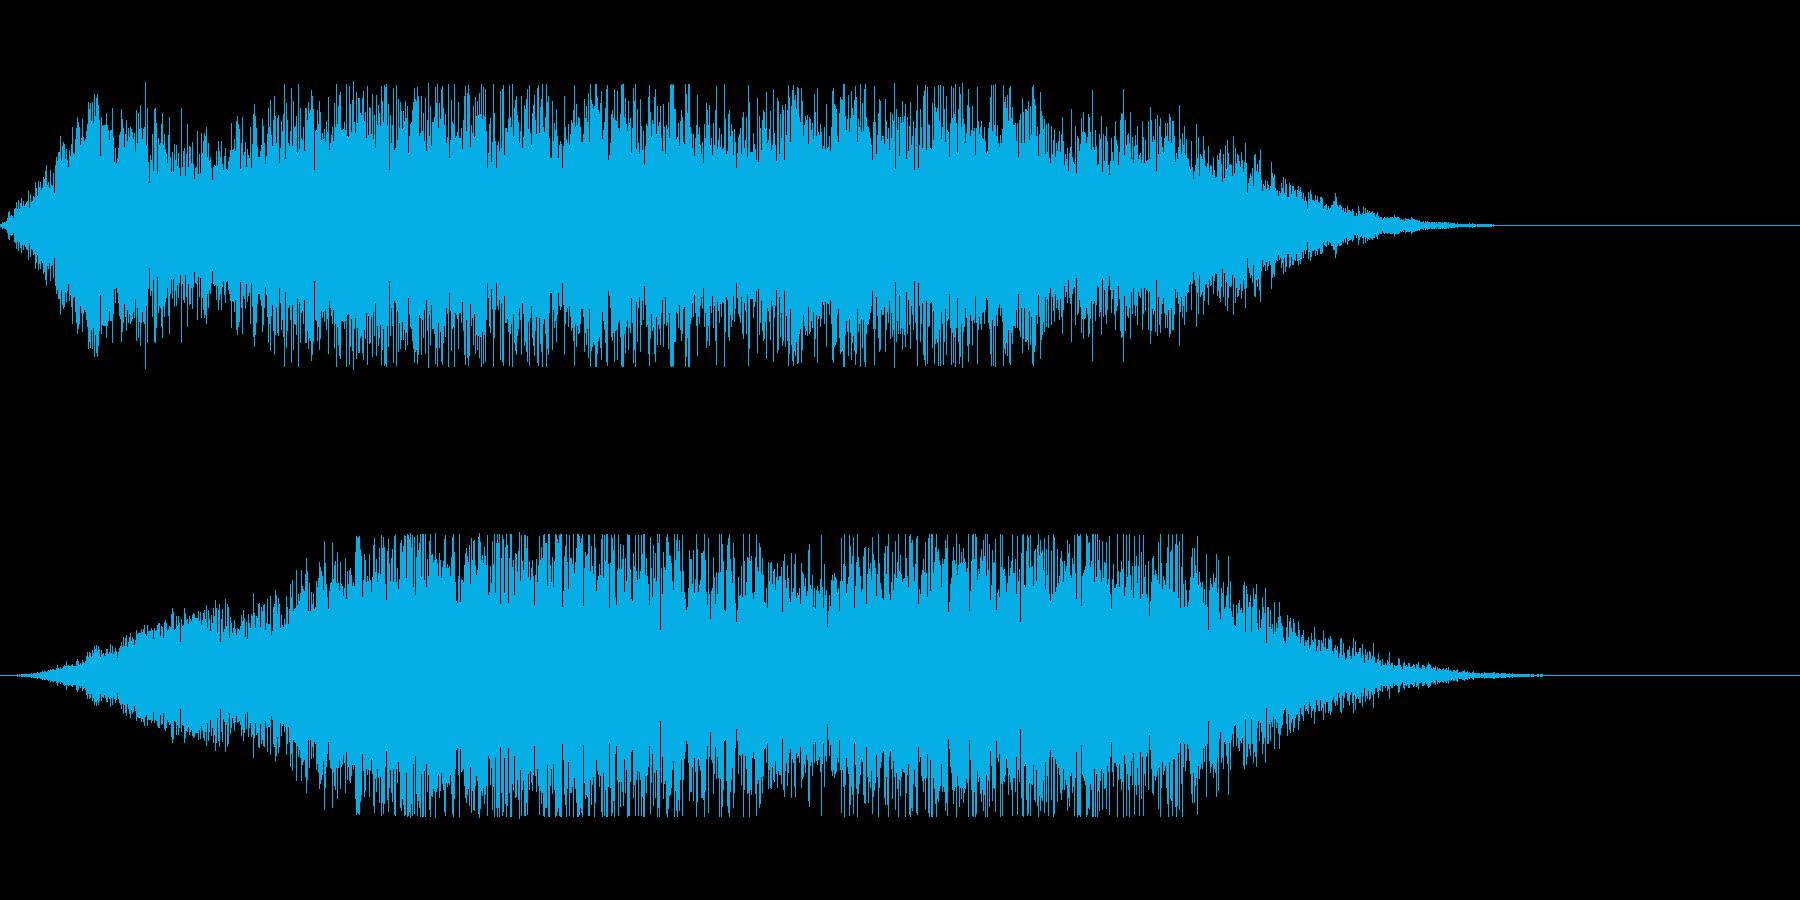 サーキットの背景音にの再生済みの波形